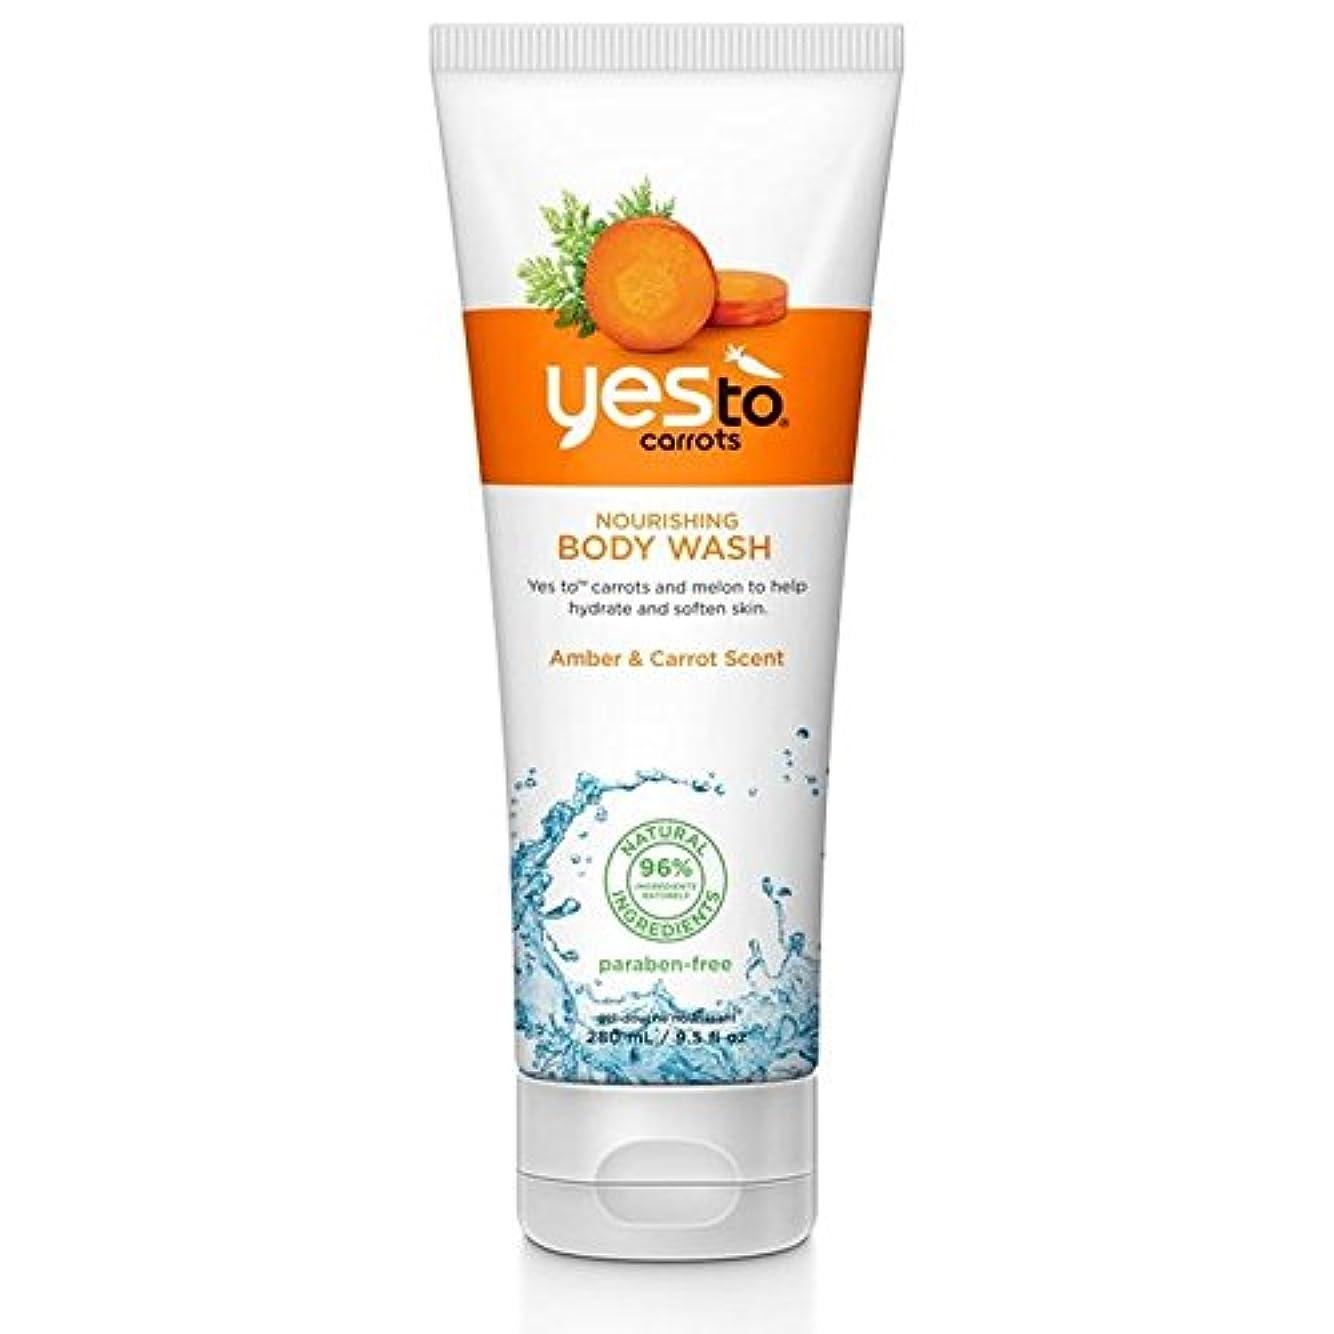 ズームインする文芸遺棄されたはいボディウォッシュ280ミリリットル栄養ニンジンへ x4 - Yes To Carrots Nourishing Body Wash 280ml (Pack of 4) [並行輸入品]